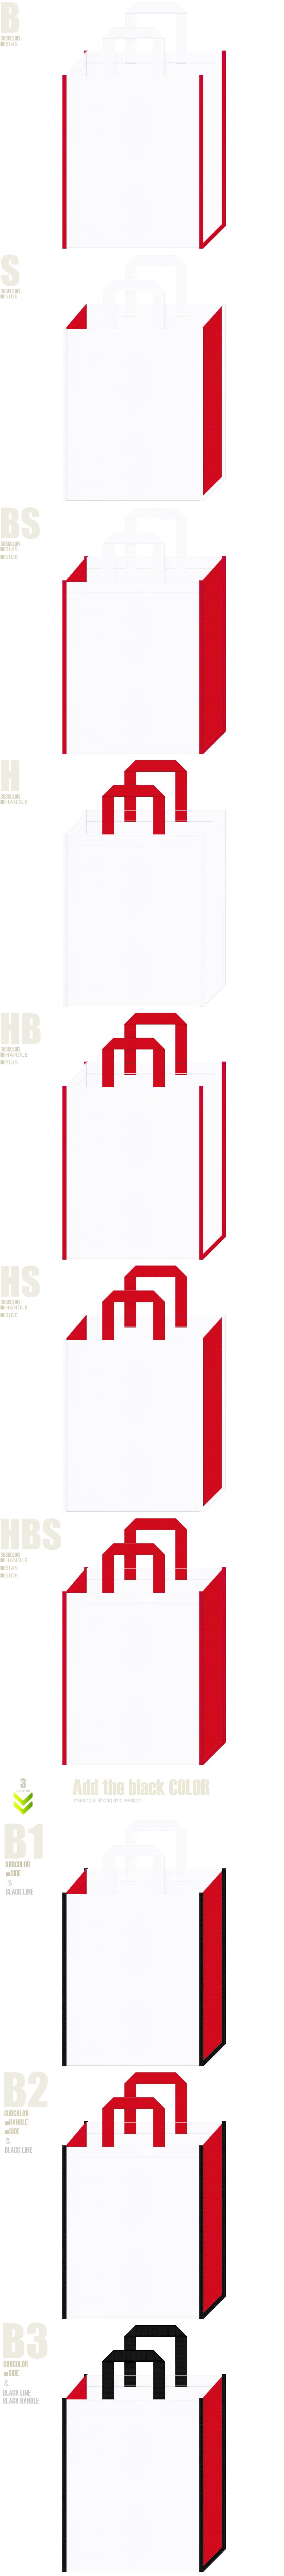 展示会用バッグ・スポーツイベント・救急用品・消防団・献血・医療施設・病院・医療セミナー・婚礼・お誕生日・ショートケーキ・サンタクロース・クリスマス・医学部・看護学部・学校・学園・オープンキャンパスにお奨めの不織布バッグデザイン:白色と紅色のコーデ10パターン